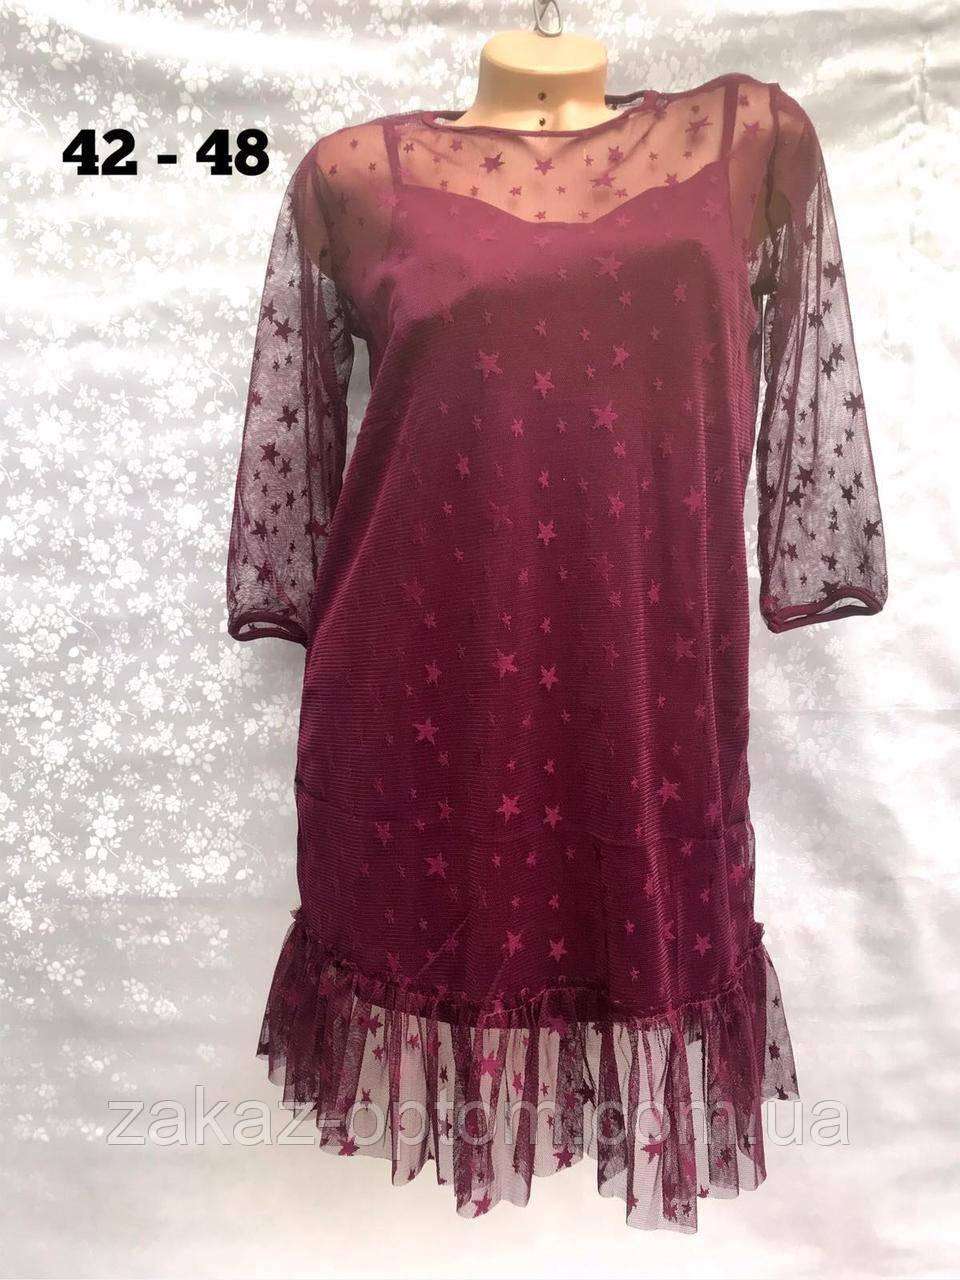 Платье женское оптом(42-48)Украина-64895